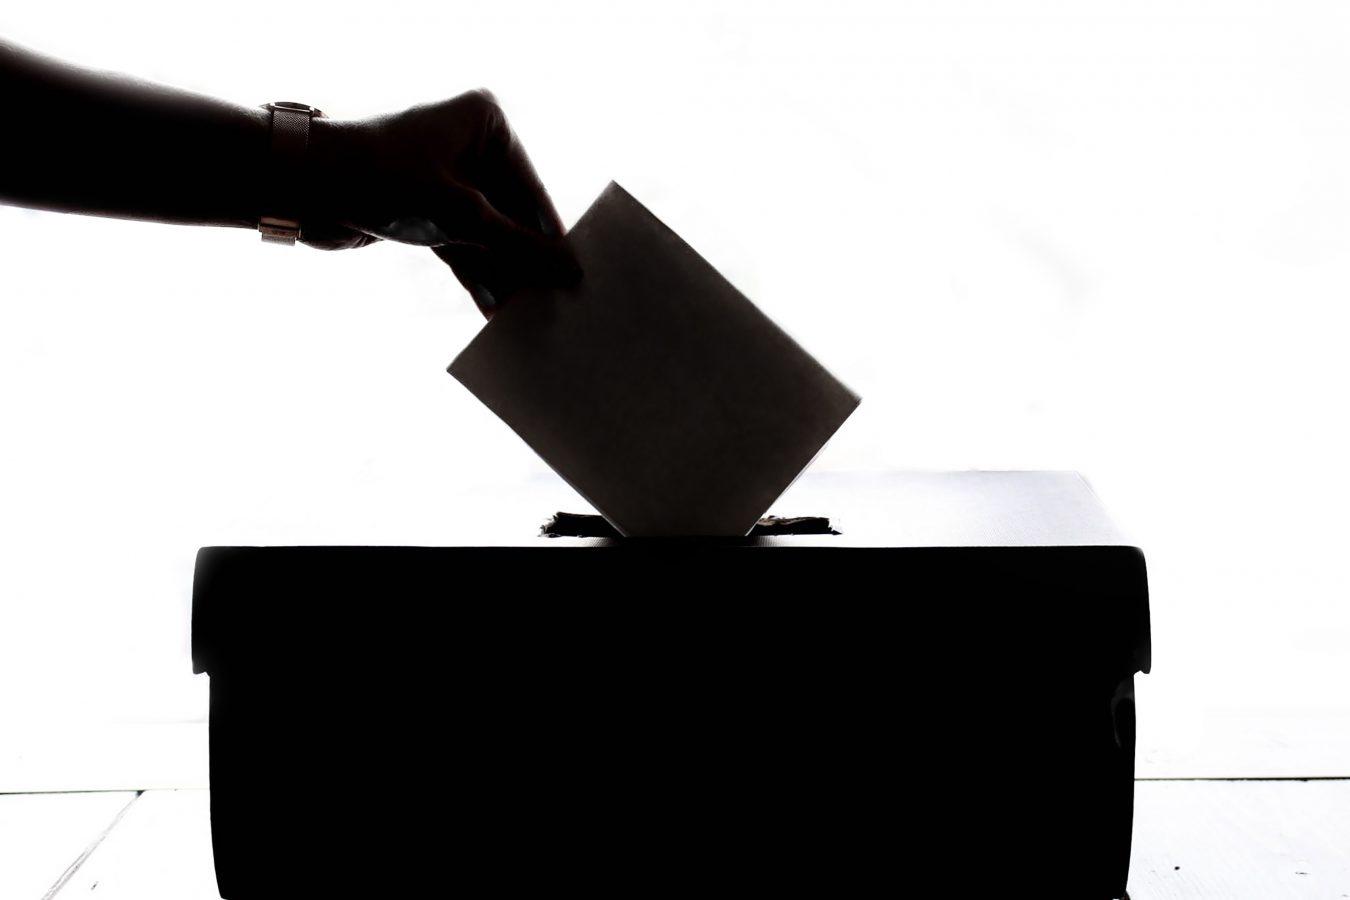 Wybory prezydenckie 2020. Jak głosowali mieszkańcy Włoch?